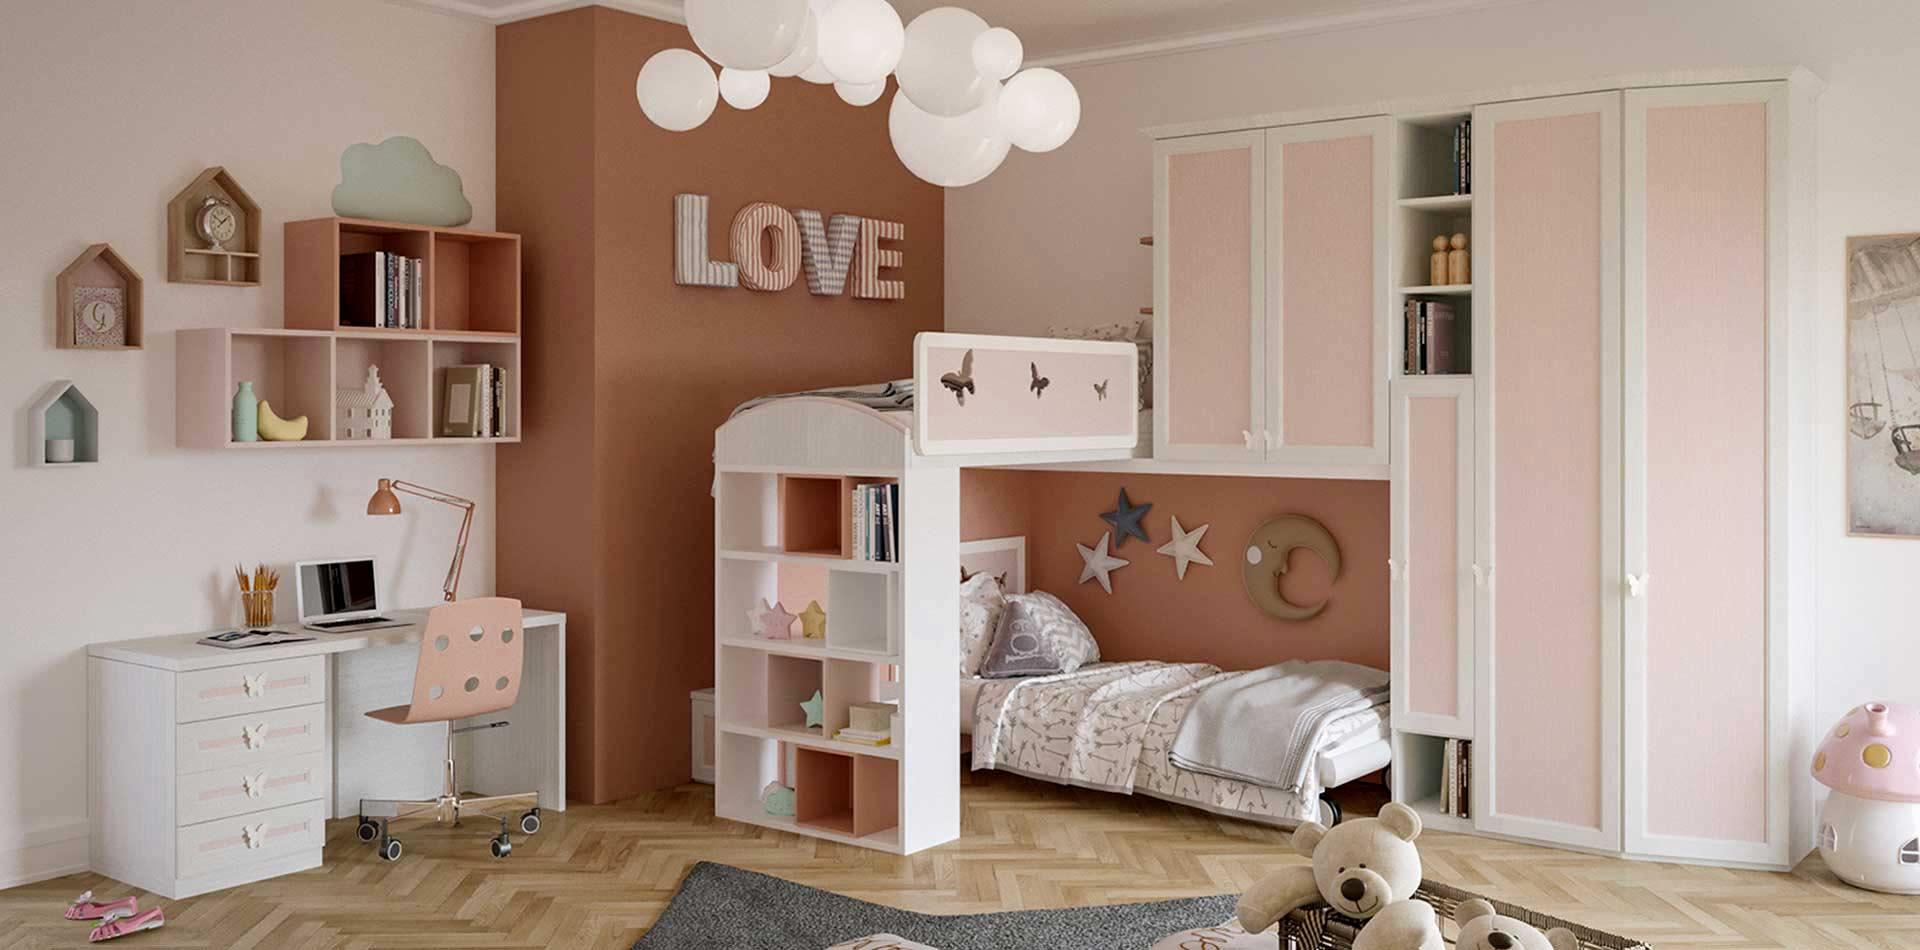 Camerette A Soppalco Rosa.Cameretta Per Bambine Con Soppalco Colore Bianco E Rosa Class